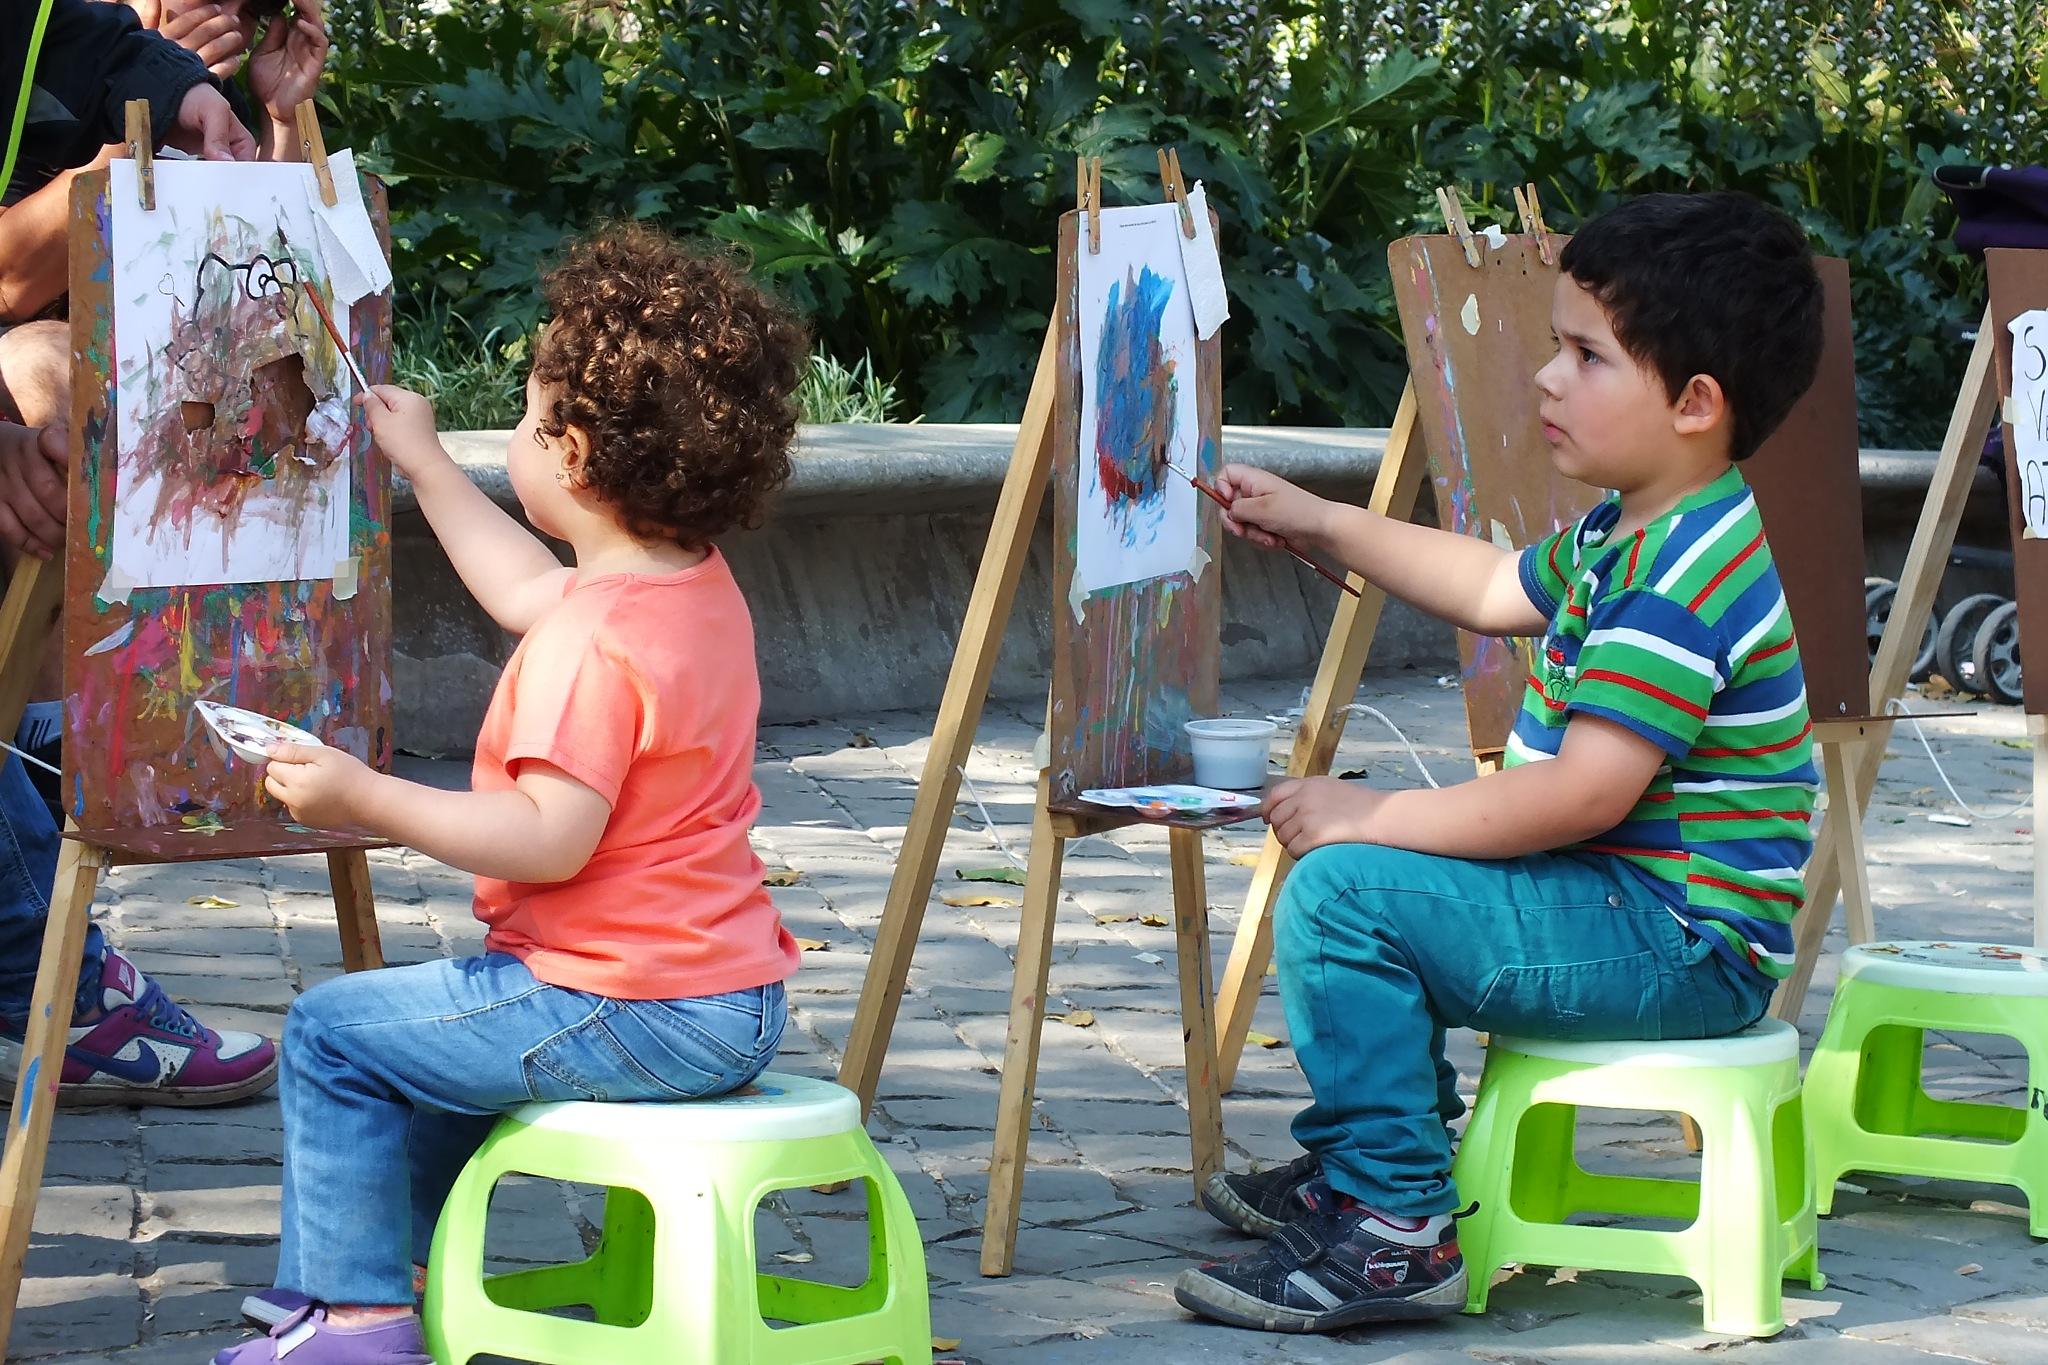 Imaginación & Arte by Eladio Robert